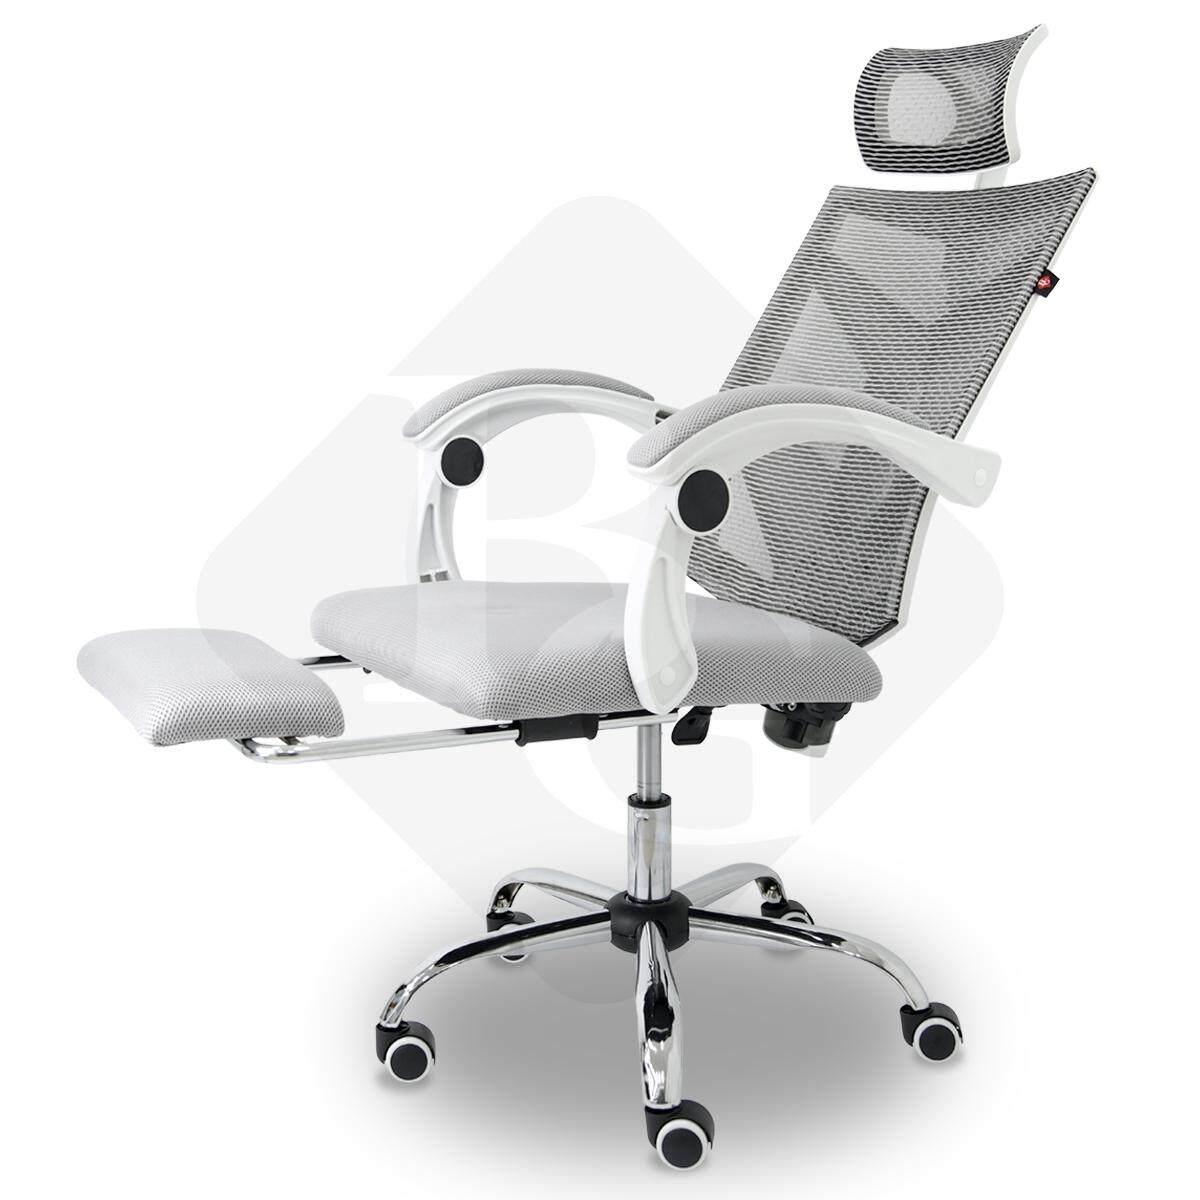 การใช้งาน  B&G Gaming Chair เก้าอี้คอมพิวเตอร์  เก้าอี้เล่นเกมส์ รุ่น G3